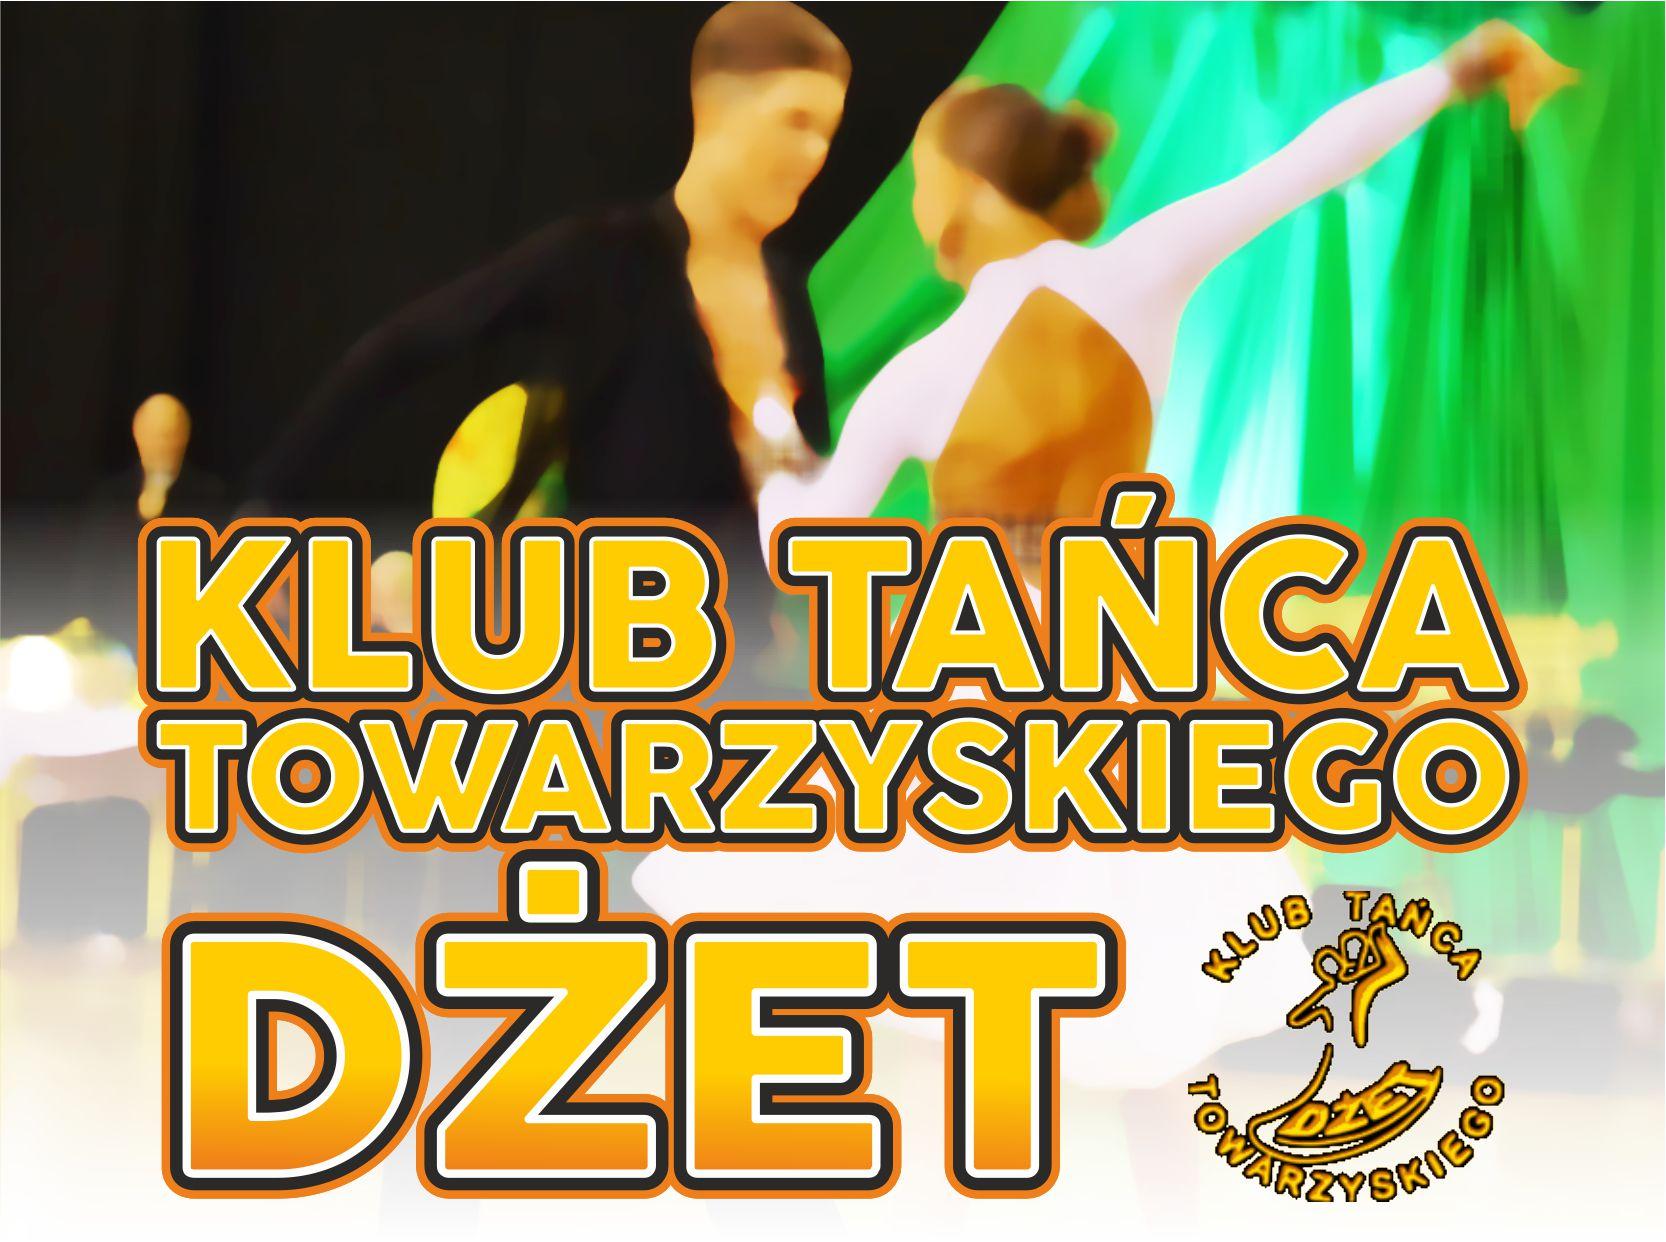 Klub Tańca Towarzyskiego Dżet